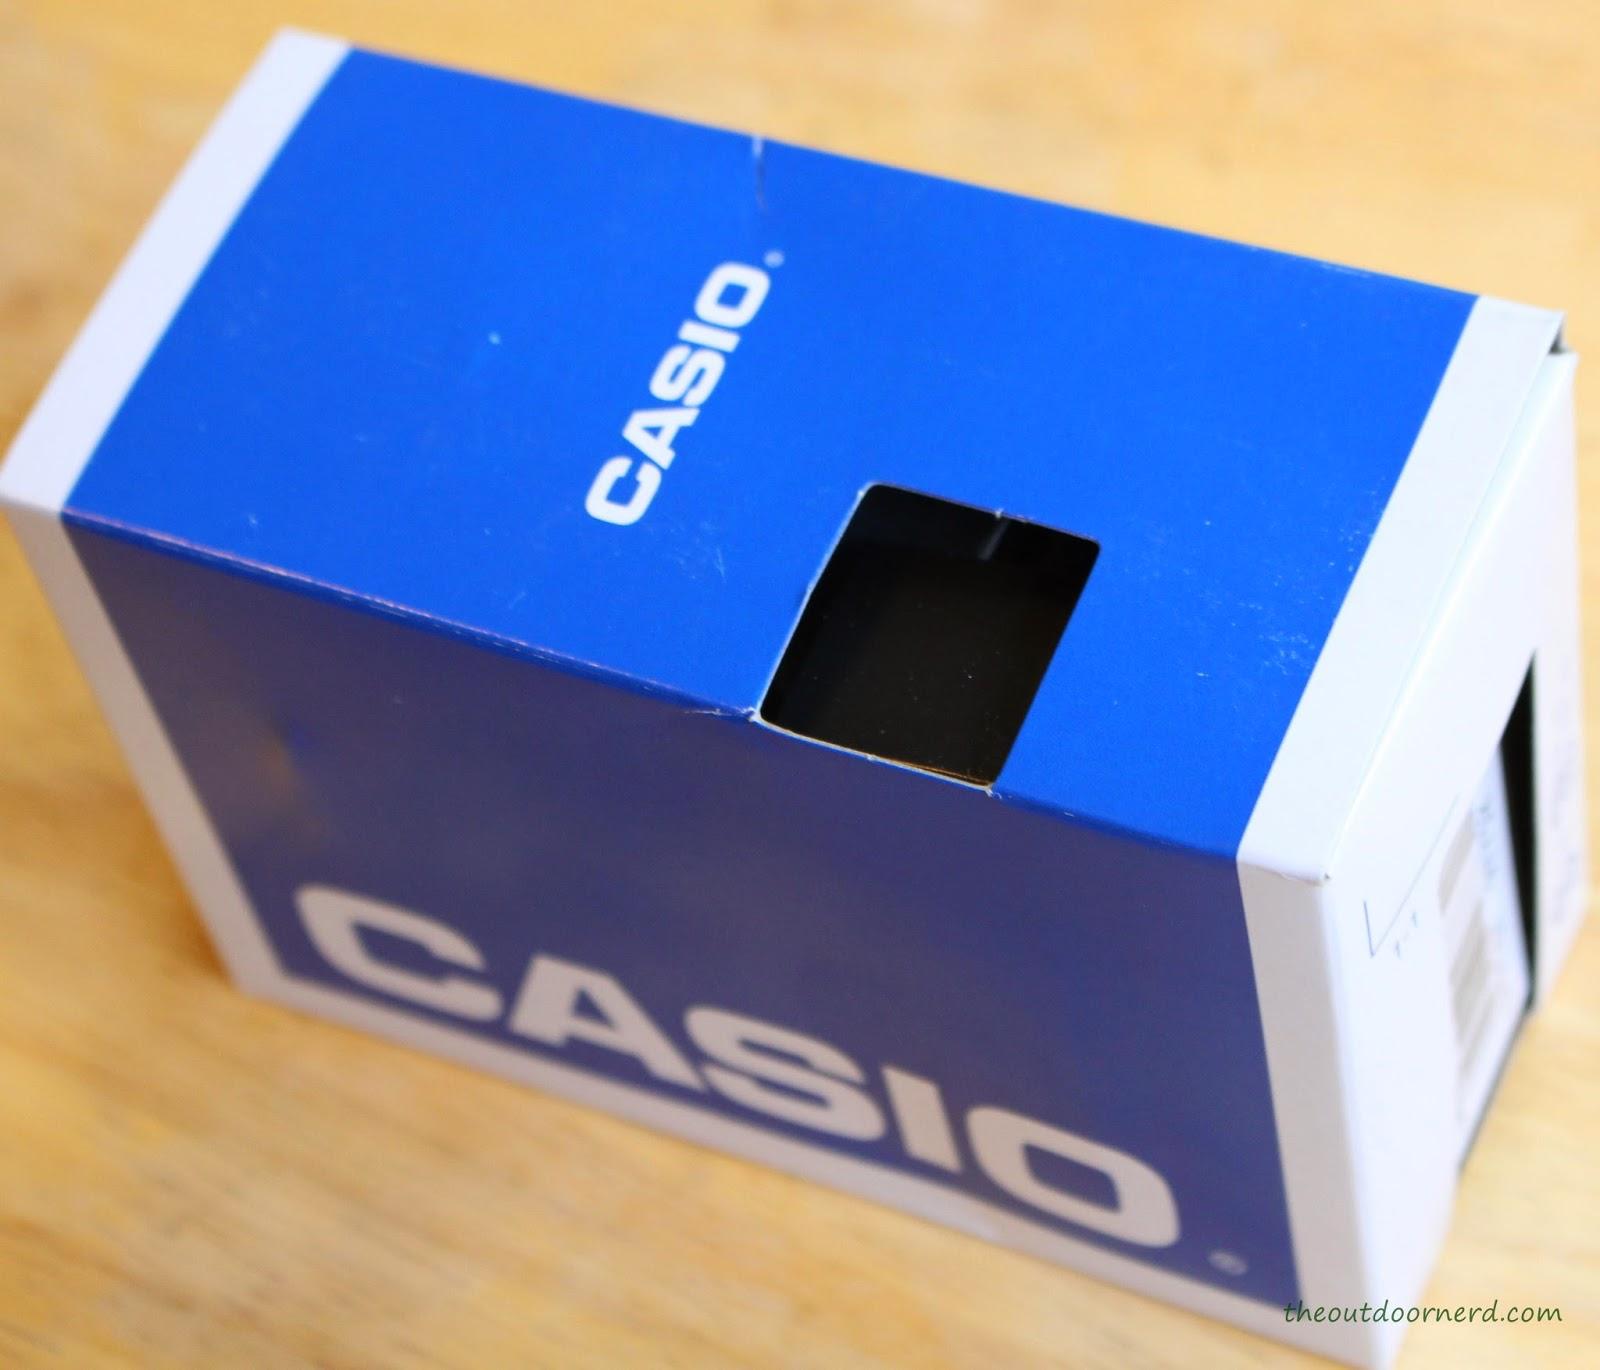 Casio MDV106-1A Diver's Watch: In Box 1